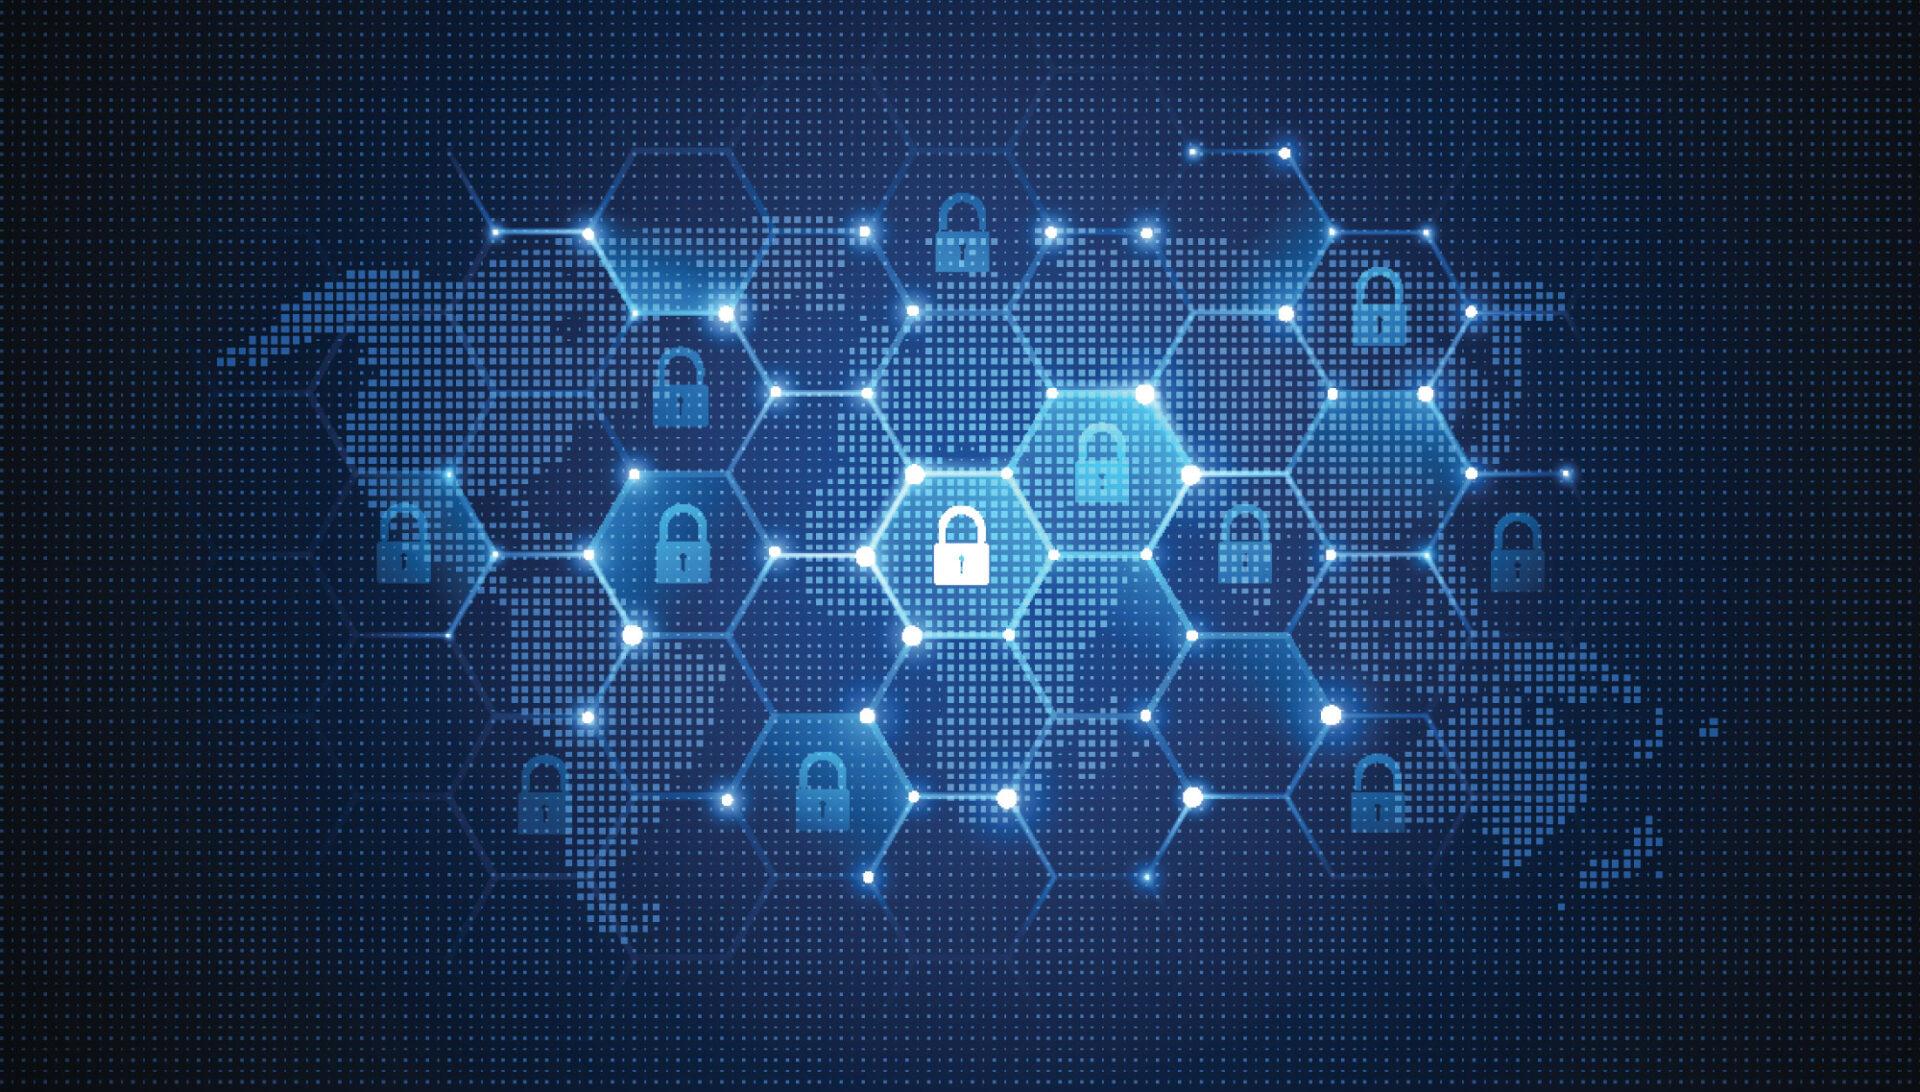 pour huawei la france est en pointe dans la cybersécurité